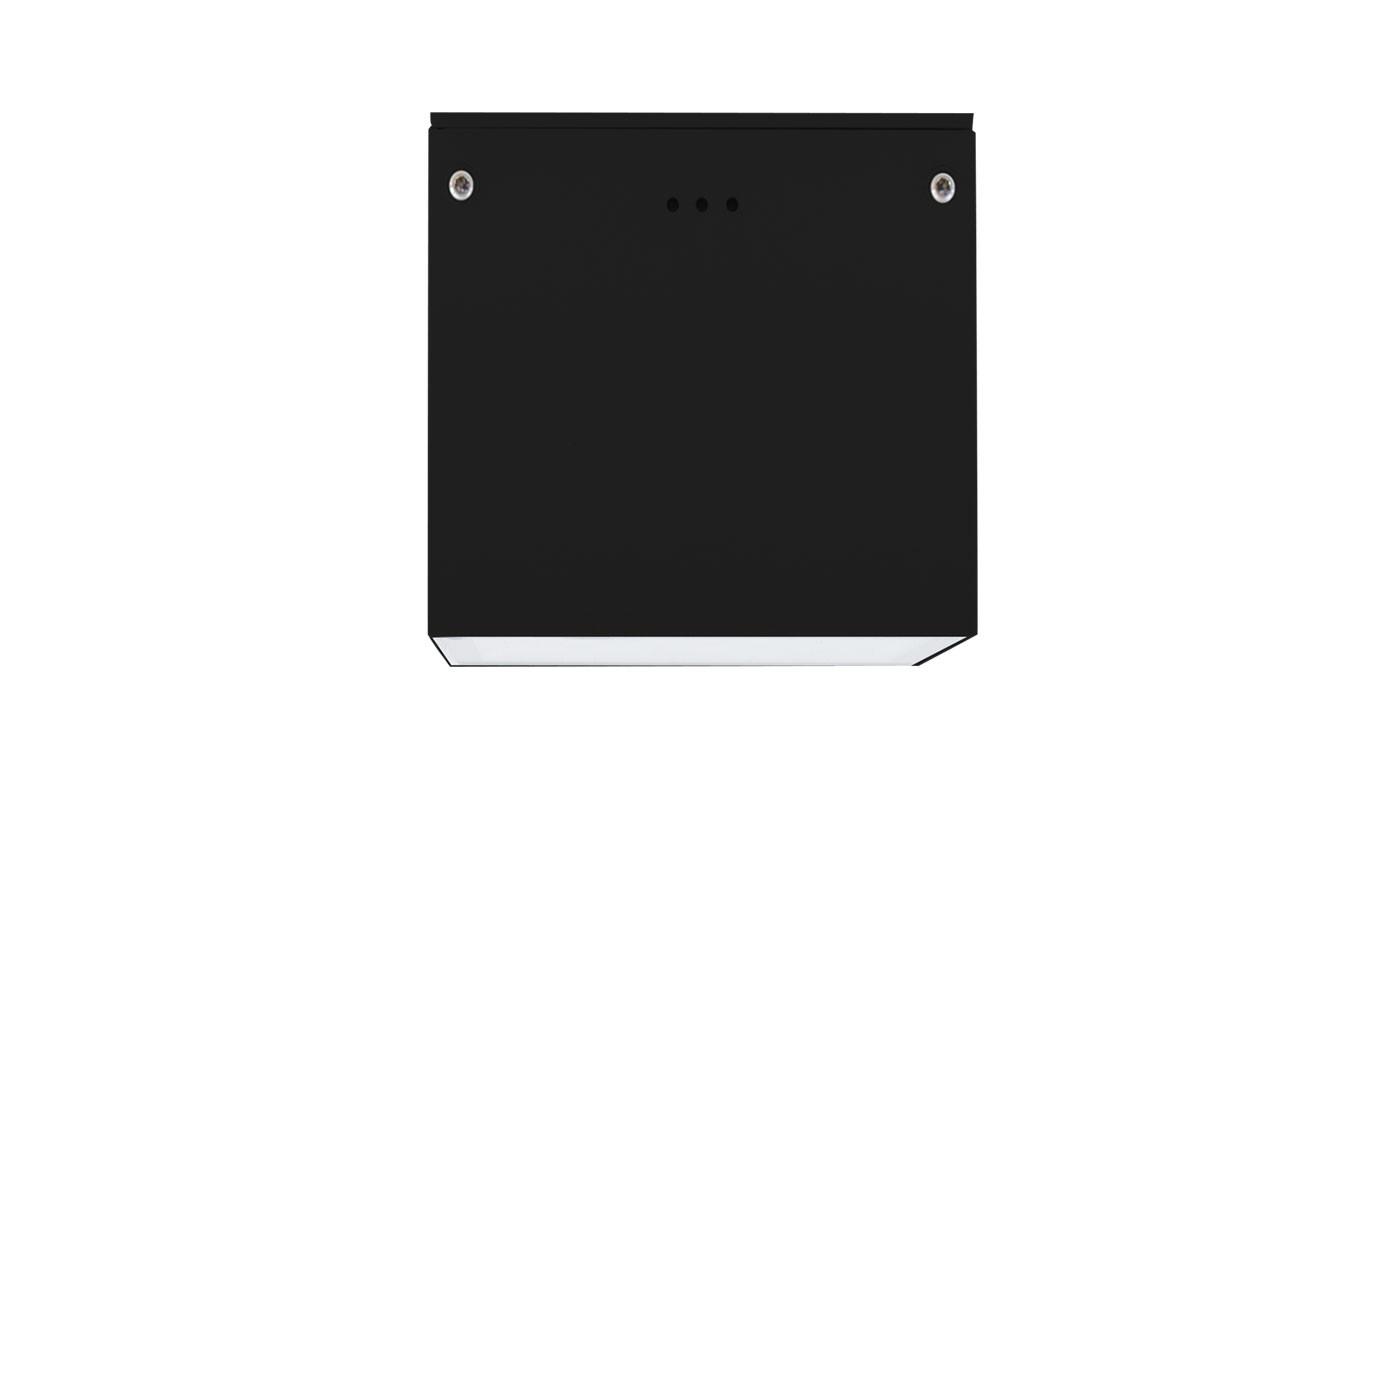 Bega 66157 LED Deckenstrahler, symmetrische Lichtverteilung